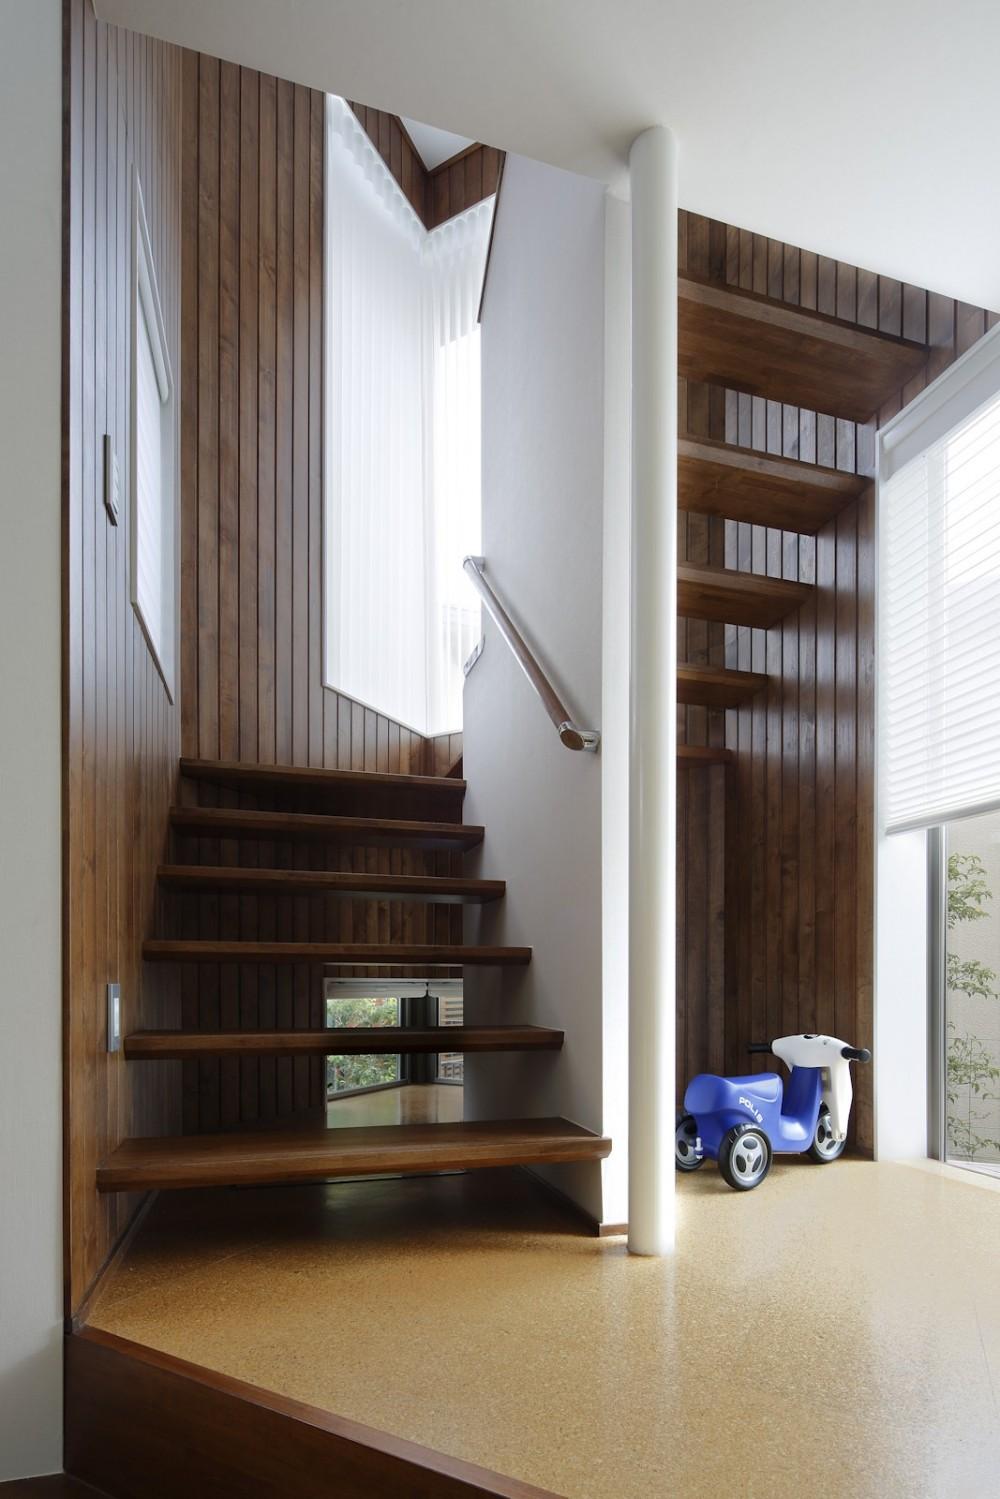 仕事場のある家|あなたの場所・自分の居場所を創る|キッチンとの関係性を良好に家事コーナーのコミュニティ (階段下は子供の秘密基地)